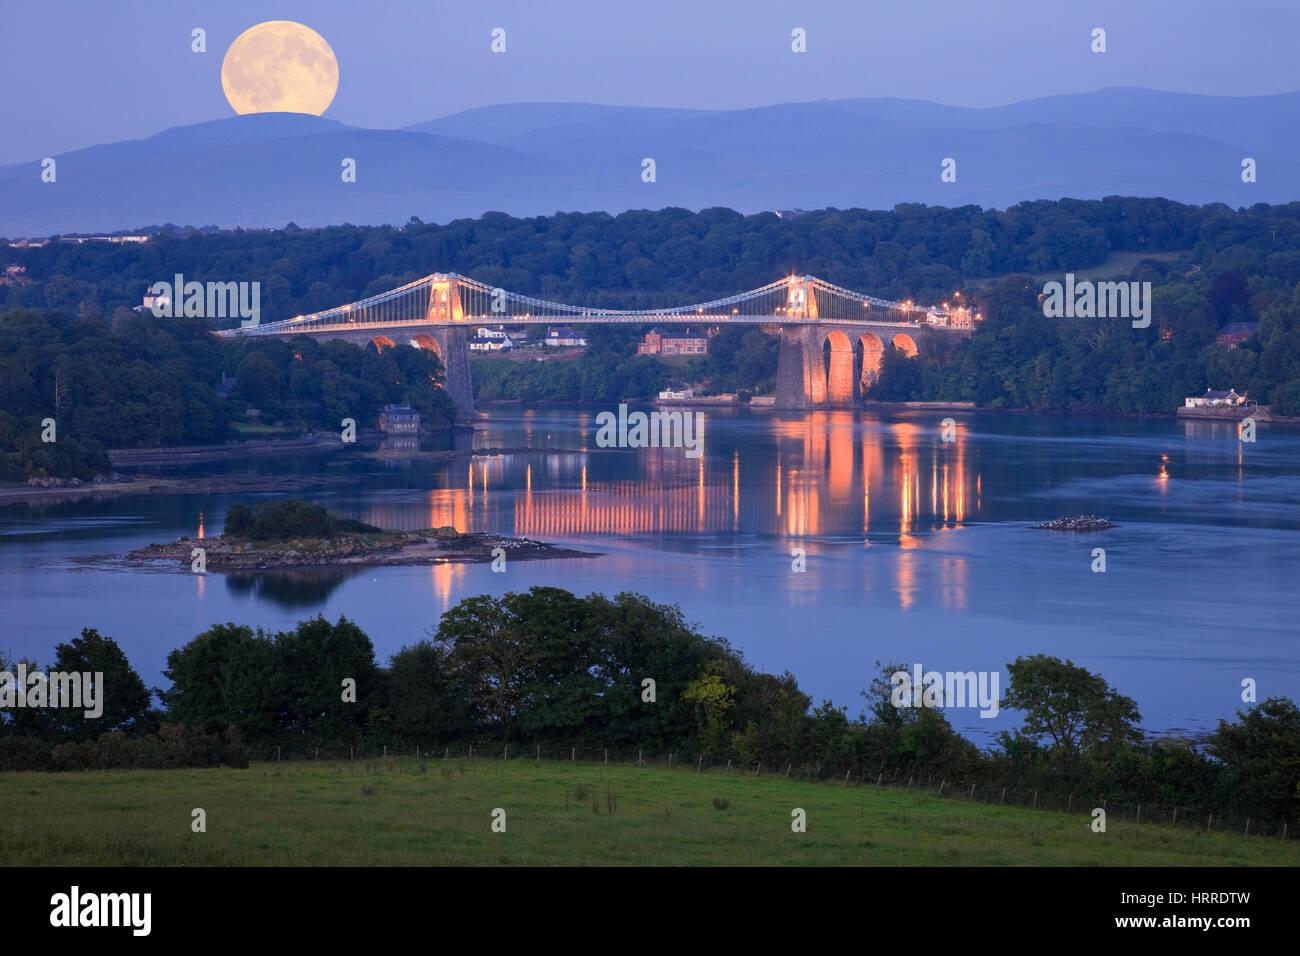 Moonrise full moon rising over Menai Strait coast with Menai suspension bridge illuminated at night. Menai Bridge, - Stock Image